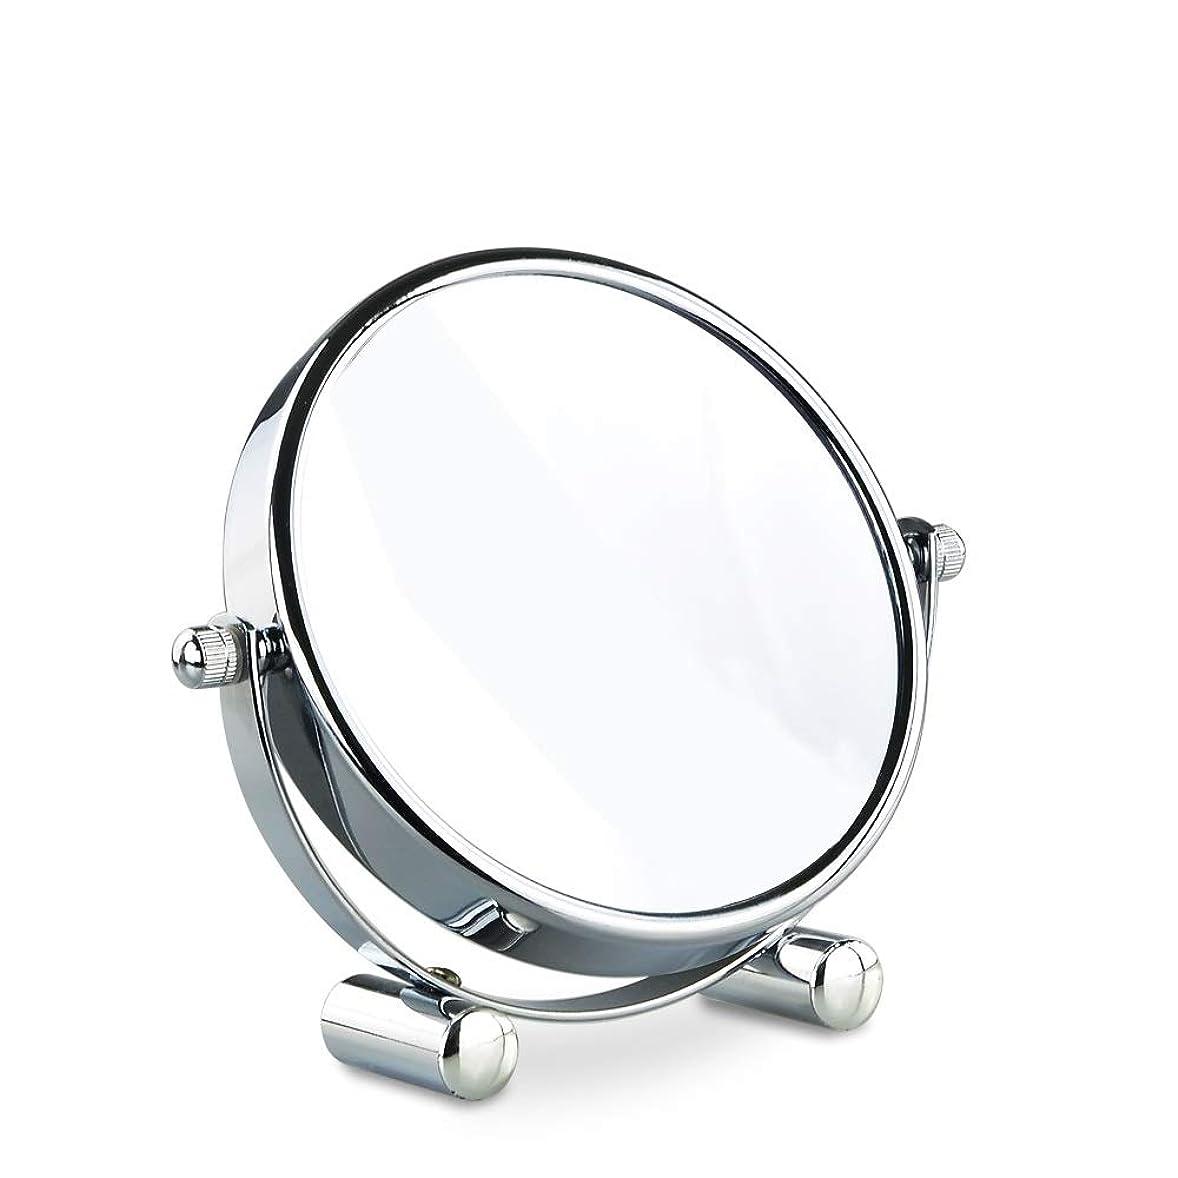 しかしながら振動させる追加洗面化粧台ミラー 5インチ両面拡大鏡バスルームミラーミラー寝室用3-5-7-10倍拡大デスクトップ化粧品バスルームミラー360度回転回転スタンド付き 化粧鏡 (Edition : Reverse 10 times)